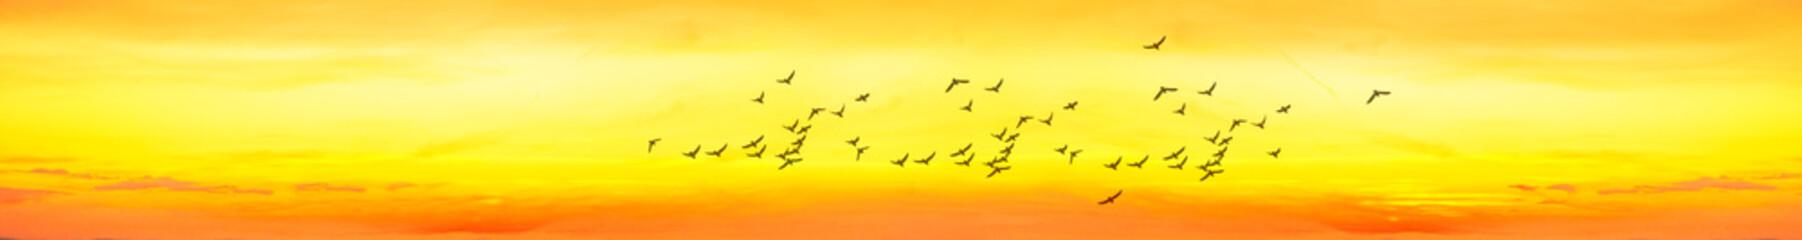 Photo sur Plexiglas Jaune panoramica de un cielo anaranjado por el atardecer